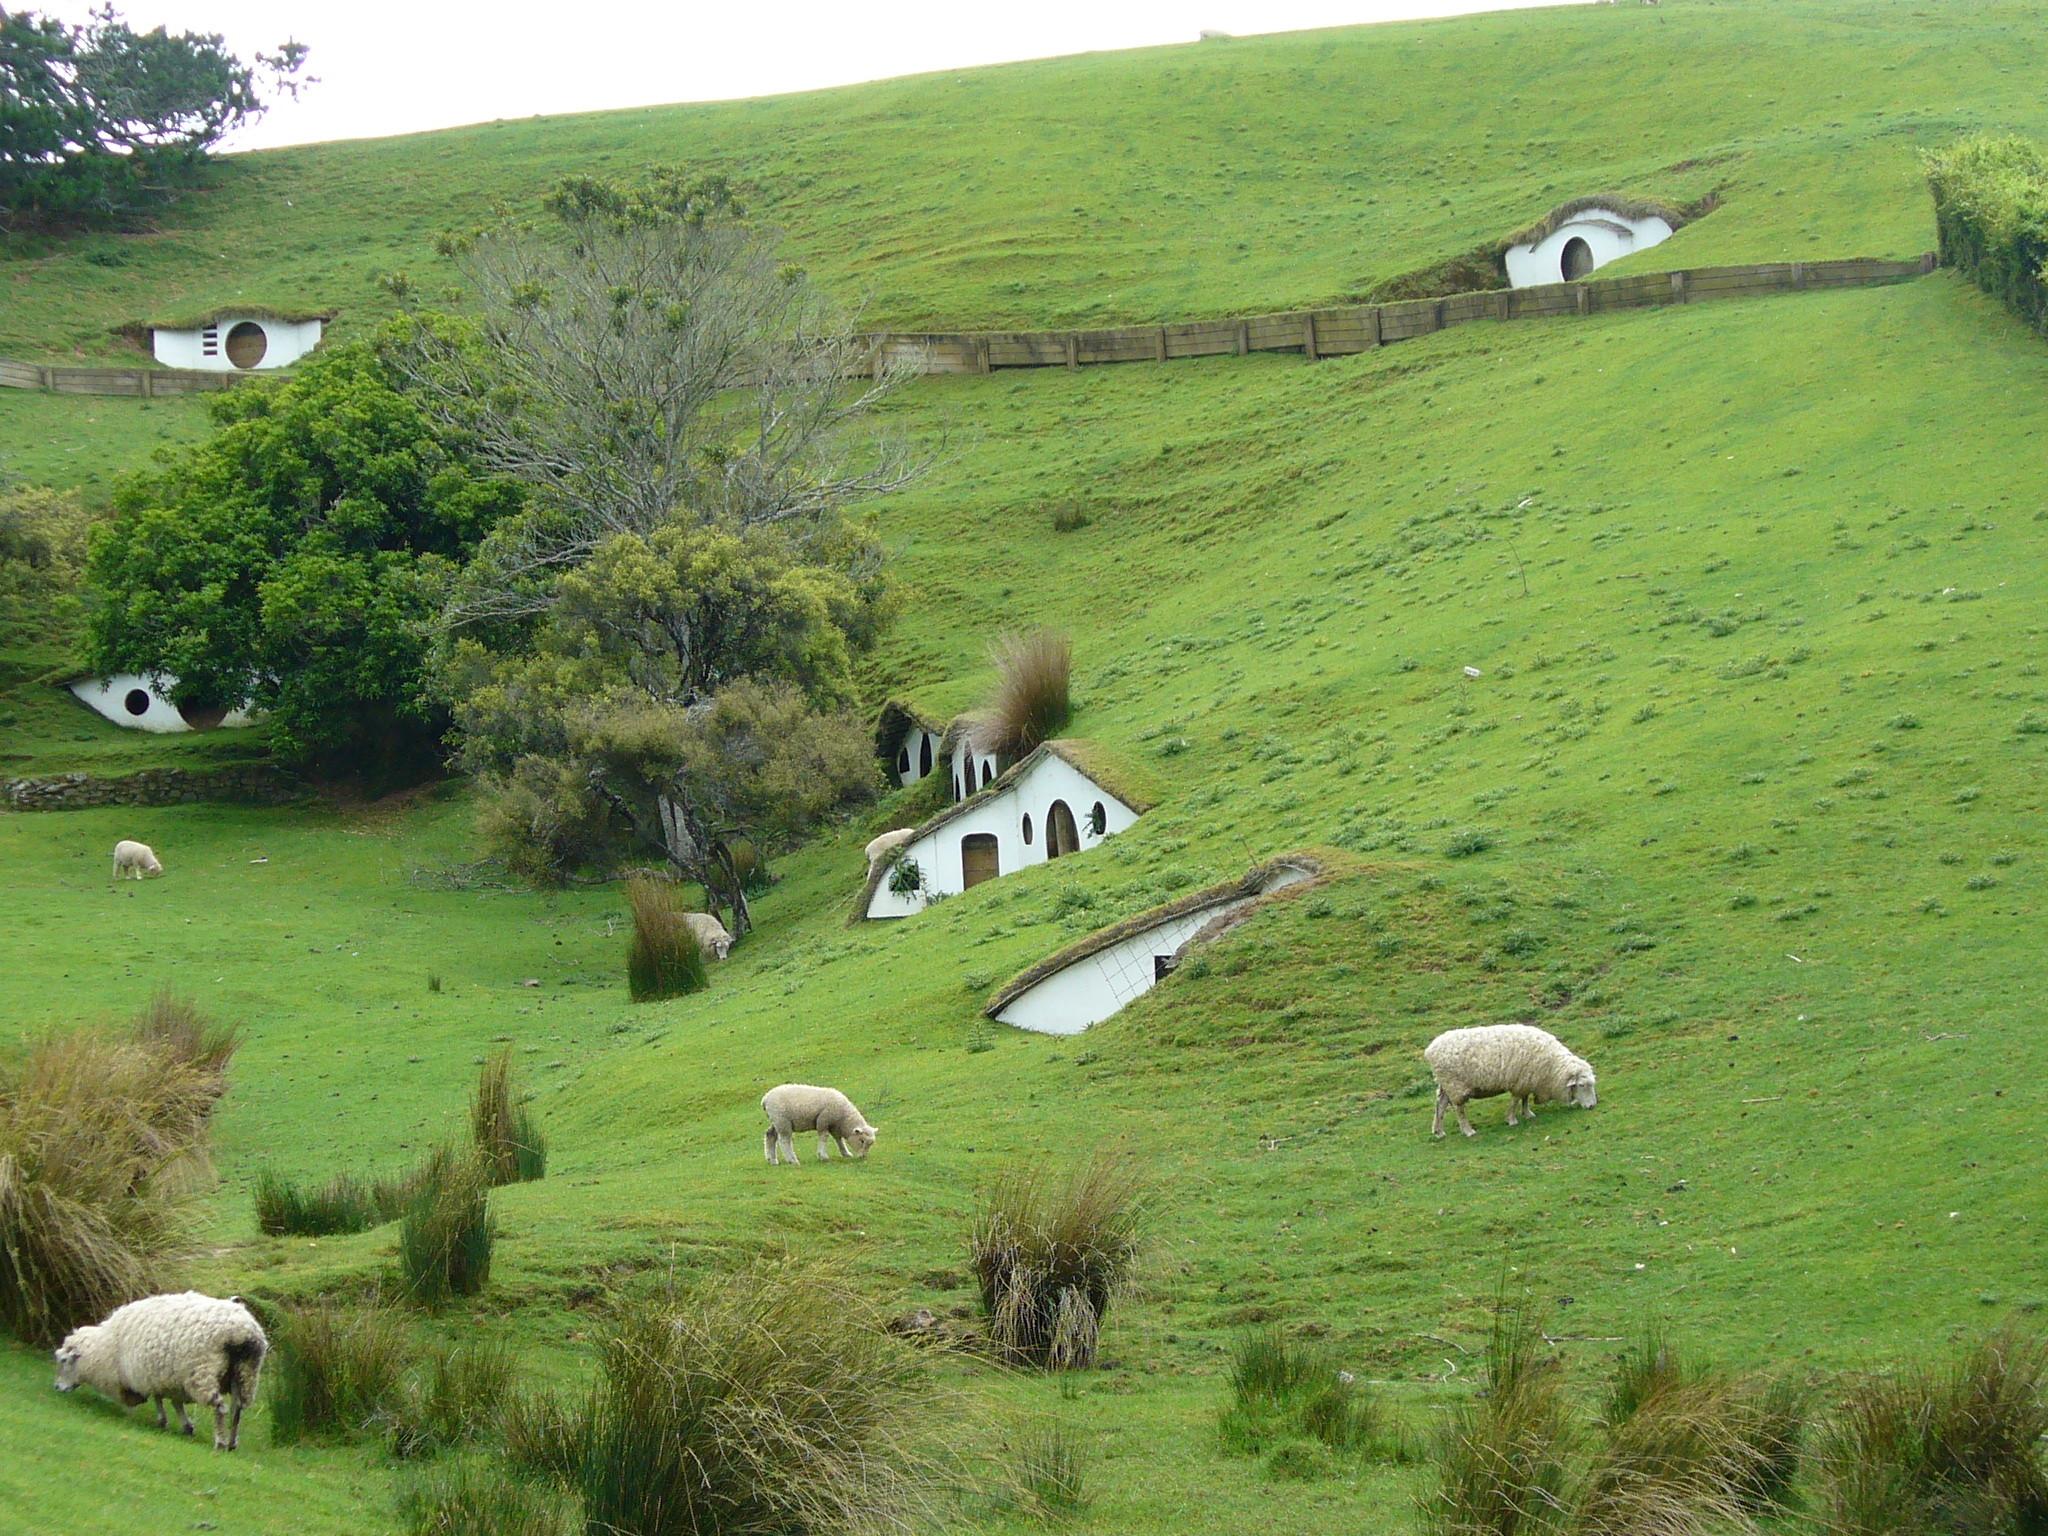 Hobbit holes and sheep